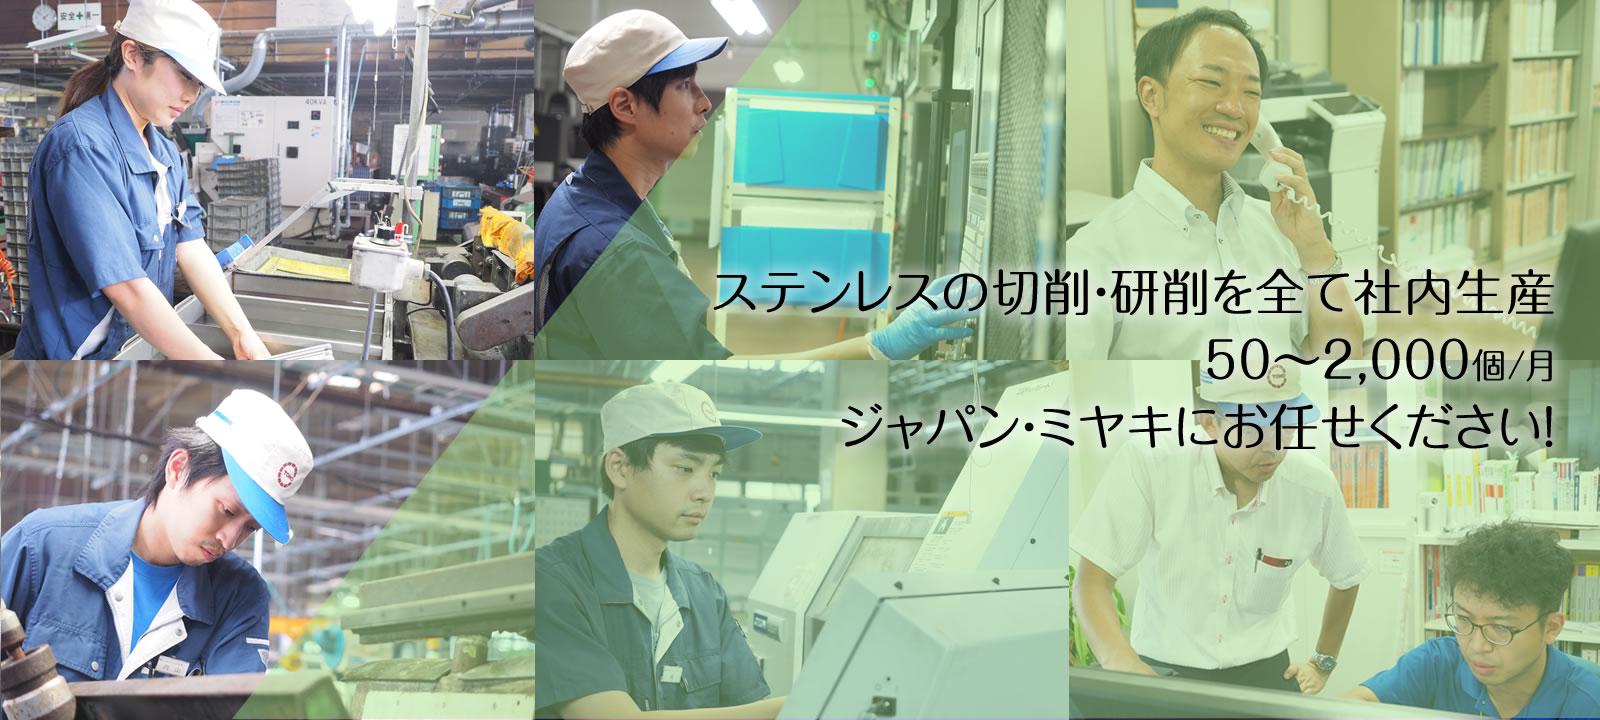 バルブ・直動機構・構成部品などの一貫生産ジャパン・ミヤキにお任せください!